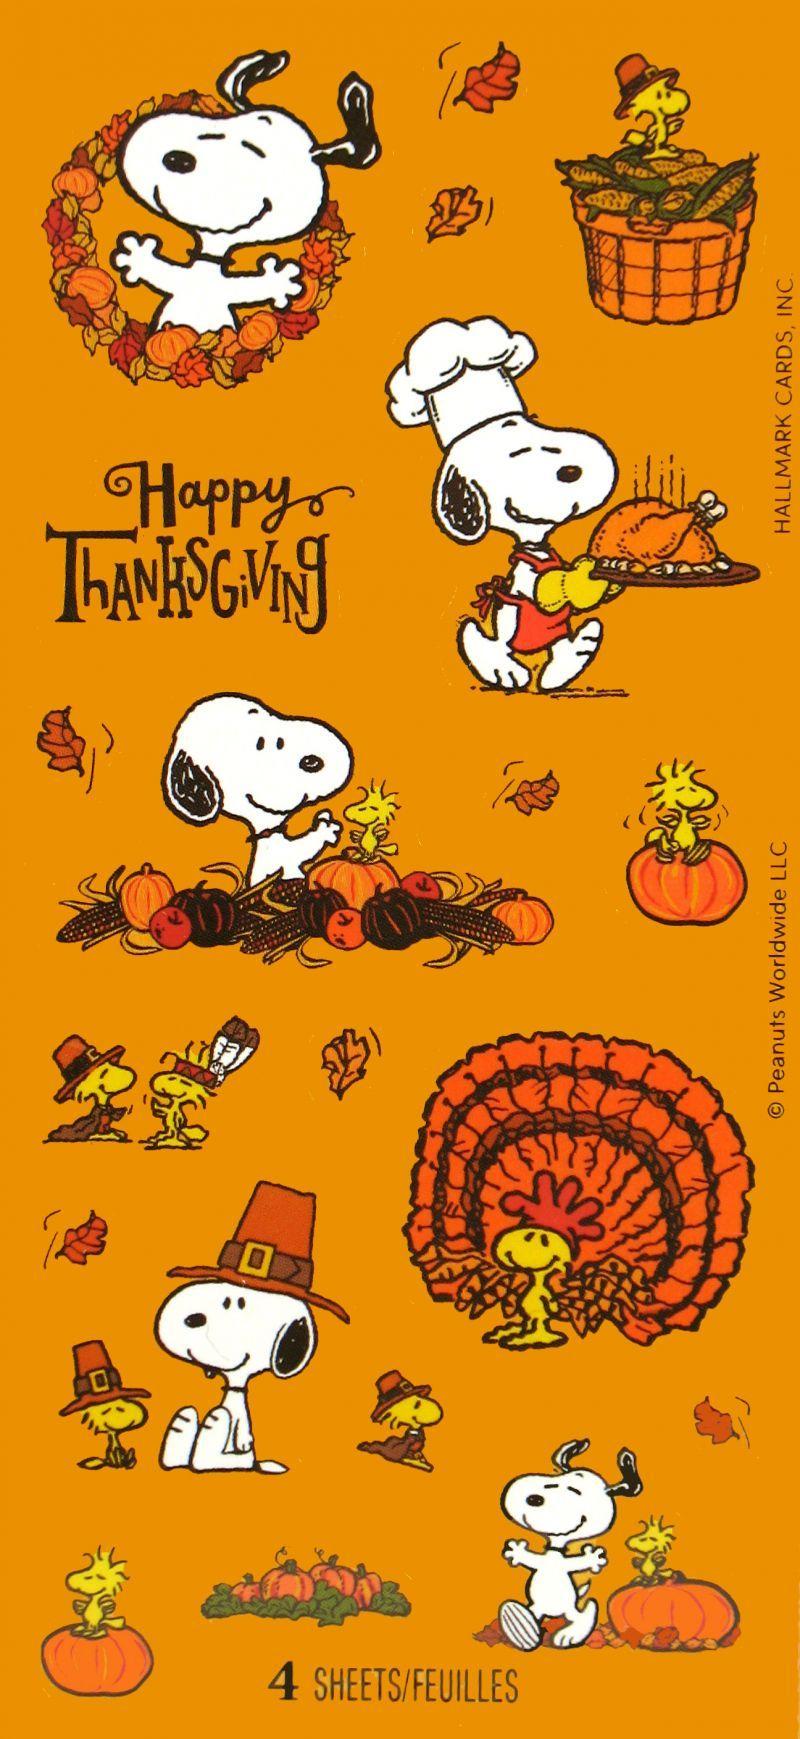 Thanksgiving Funny Wallpaper : thanksgiving, funny, wallpaper, Hmstickers663.jpg, (800×1739), Thanksgiving, Snoopy,, Snoopy, Wallpaper,, Iphone, Wallpaper